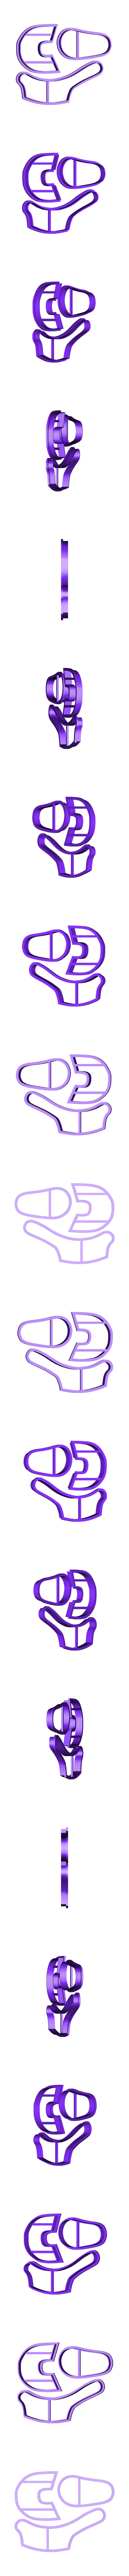 STL-ZapatoBB.stl Télécharger fichier STL Zapatito, Bebe, Fondant Cutter, Cutter of Edible Pasta, Cold Porcelain and Ceramic • Plan à imprimer en 3D, crcreaciones3d